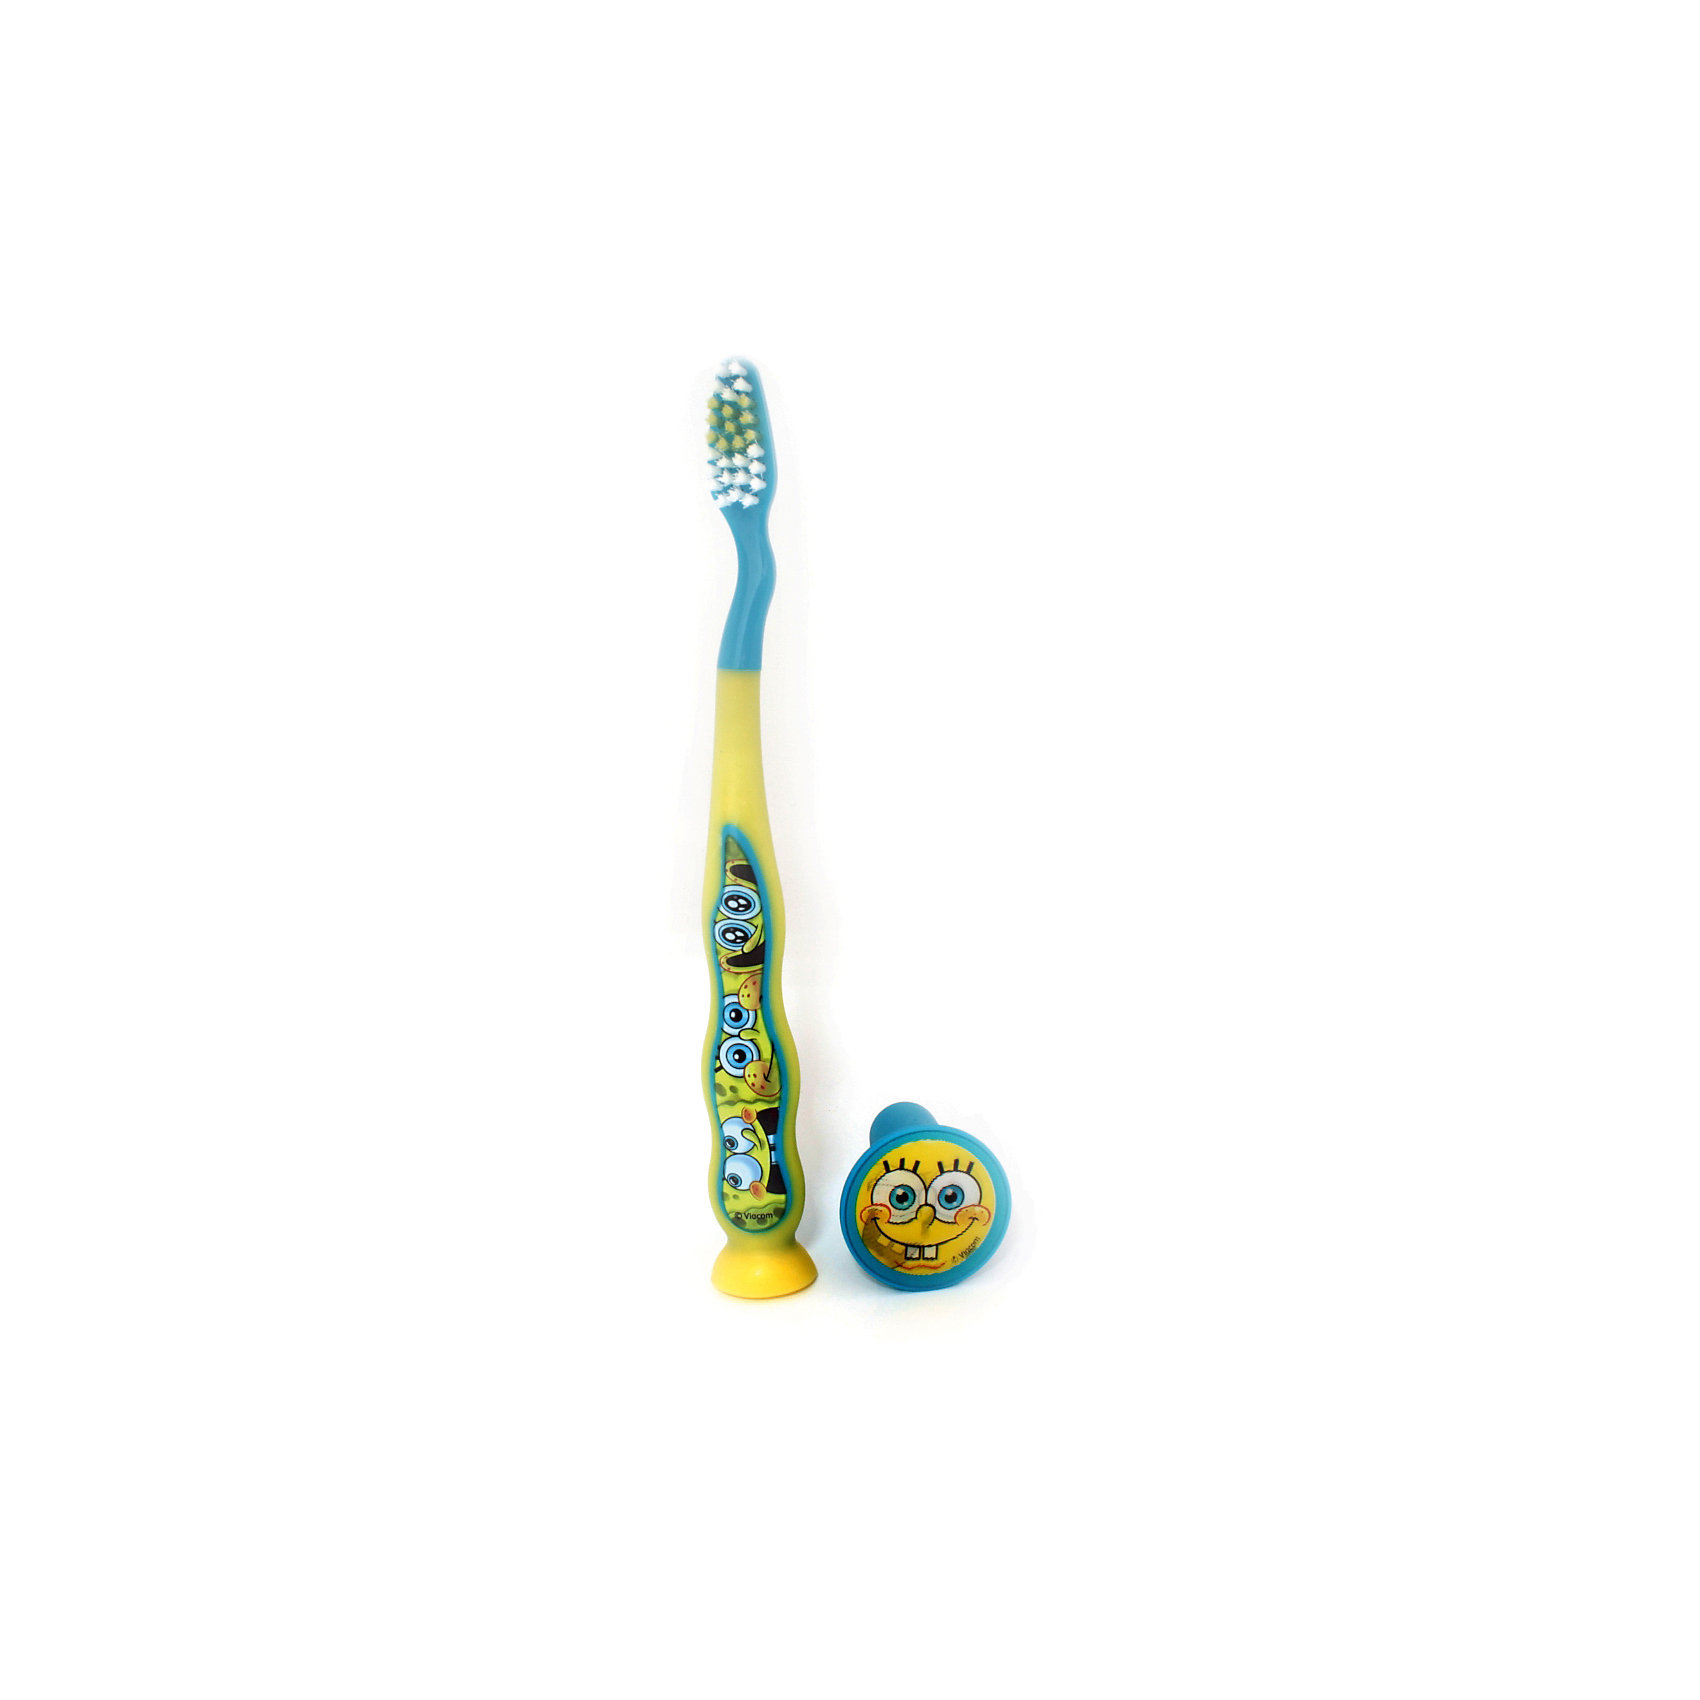 Зубная щетка Sponge Bob, дорожная с защитным чехлом на присоске, FireflyЗубные щетки<br>Каждому малышу для путешествий и поездок необходима компактная и красивая дорожная зубная щетка. Представляем Вашему вниманию зубную щетку Sponge Bob (Губка Боб), Firefly с защитным чехлом на присоске. Такую щеточку малыш обязательно захочет взять с собой в дорогу. Щетка предназначена специально для детей, а потому ее нейлоновые щетинки особенно мягкие. Они не поранят нежные десны крохи и бережно очистят зубки. Ручка с противоскользящей поверхностью сделает чистку зубов не только увлекательным и полезным, но и удобным процессом. При этом необязательно ставить щетку в стаканчик - она легко и надежно крепится к раковине с помощью присоски. А замечательный чехольчик в комплекте поможет всегда сохранять гигиену щетки.<br><br>Дополнительная информация:<br><br>- Удобный защитный чехол;<br>- Удобно крепится к поверхности при помощи присоски;<br>- Мягкие нейлоновые щетинки;<br>- Эргономичная ручка с противоскользящей поверхностью;<br>- Цветовое поле щетины для оптимального дозирования пасты;<br>- Особенно понравится любителю мультфильмов Sponge Bob (Губка Боб);<br>- Размер упаковки: 25 х 2,5 х 2 см<br>- Вес: 100 г<br><br>Зубную щетку Sponge Bob (Губка Боб) с защитным чехлом на присоске, Firefly можно купить в нашем интернет-магазине.<br><br>Ширина мм: 250<br>Глубина мм: 50<br>Высота мм: 20<br>Вес г: 100<br>Возраст от месяцев: 36<br>Возраст до месяцев: 2147483647<br>Пол: Унисекс<br>Возраст: Детский<br>SKU: 3939243